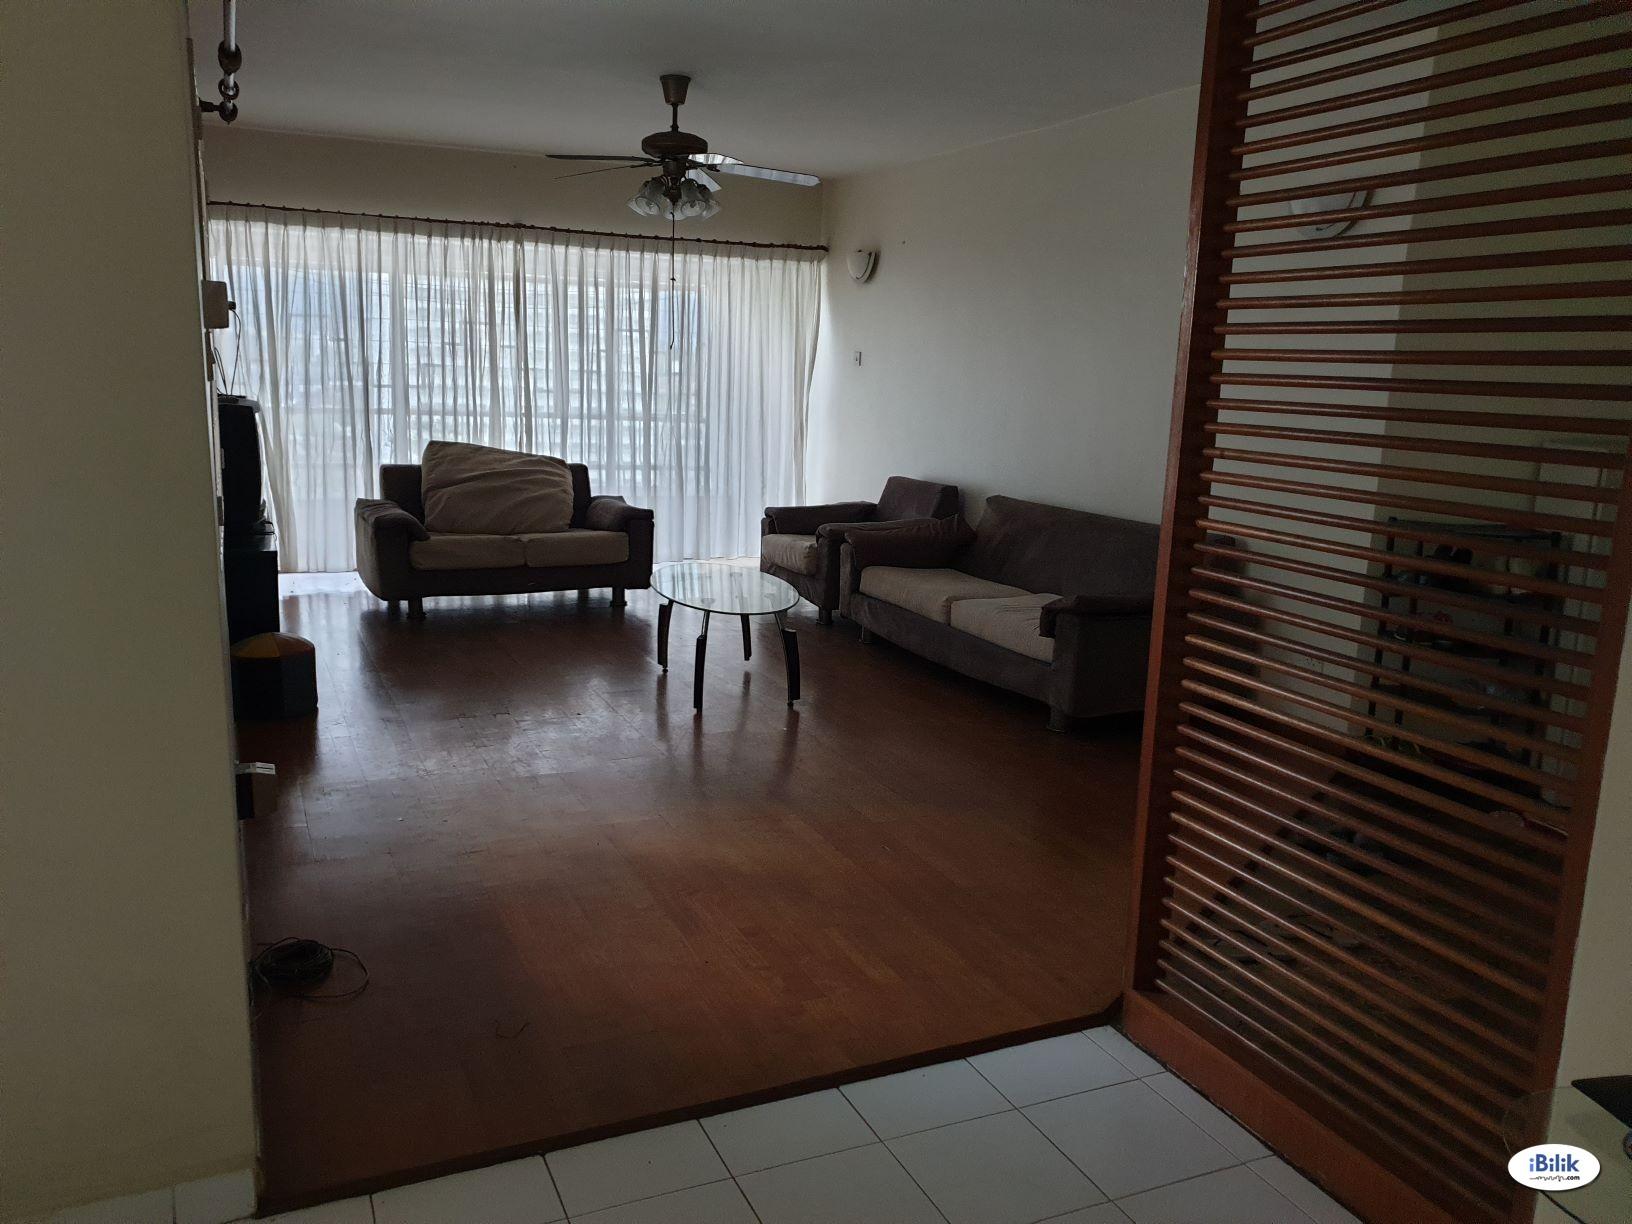 Master Bedroom at Menara Bangsar condo, Jln Maarof ,  Bangsar, Kuala Lumpur